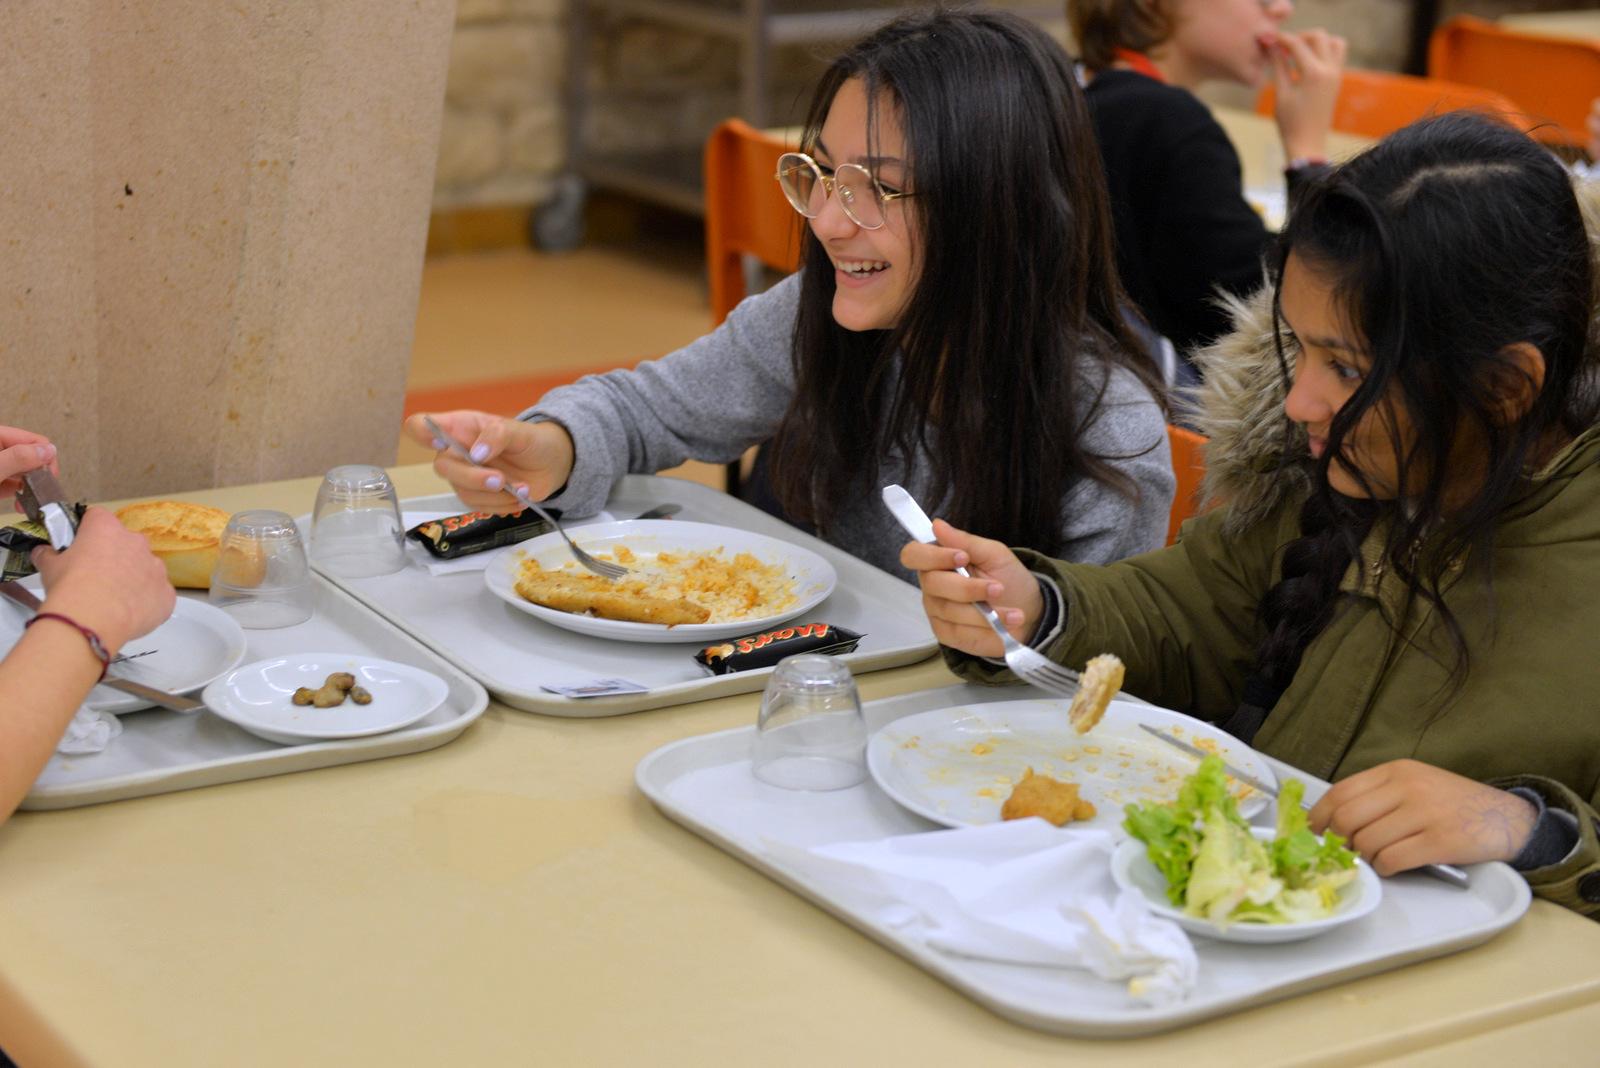 Restauration scolaire cité scolaire Jacques Décour 9e 3 jeunes mangent à table, 2 jeunes filles sont côte à côte, celle de gauche sourit à son ami assit en face. .